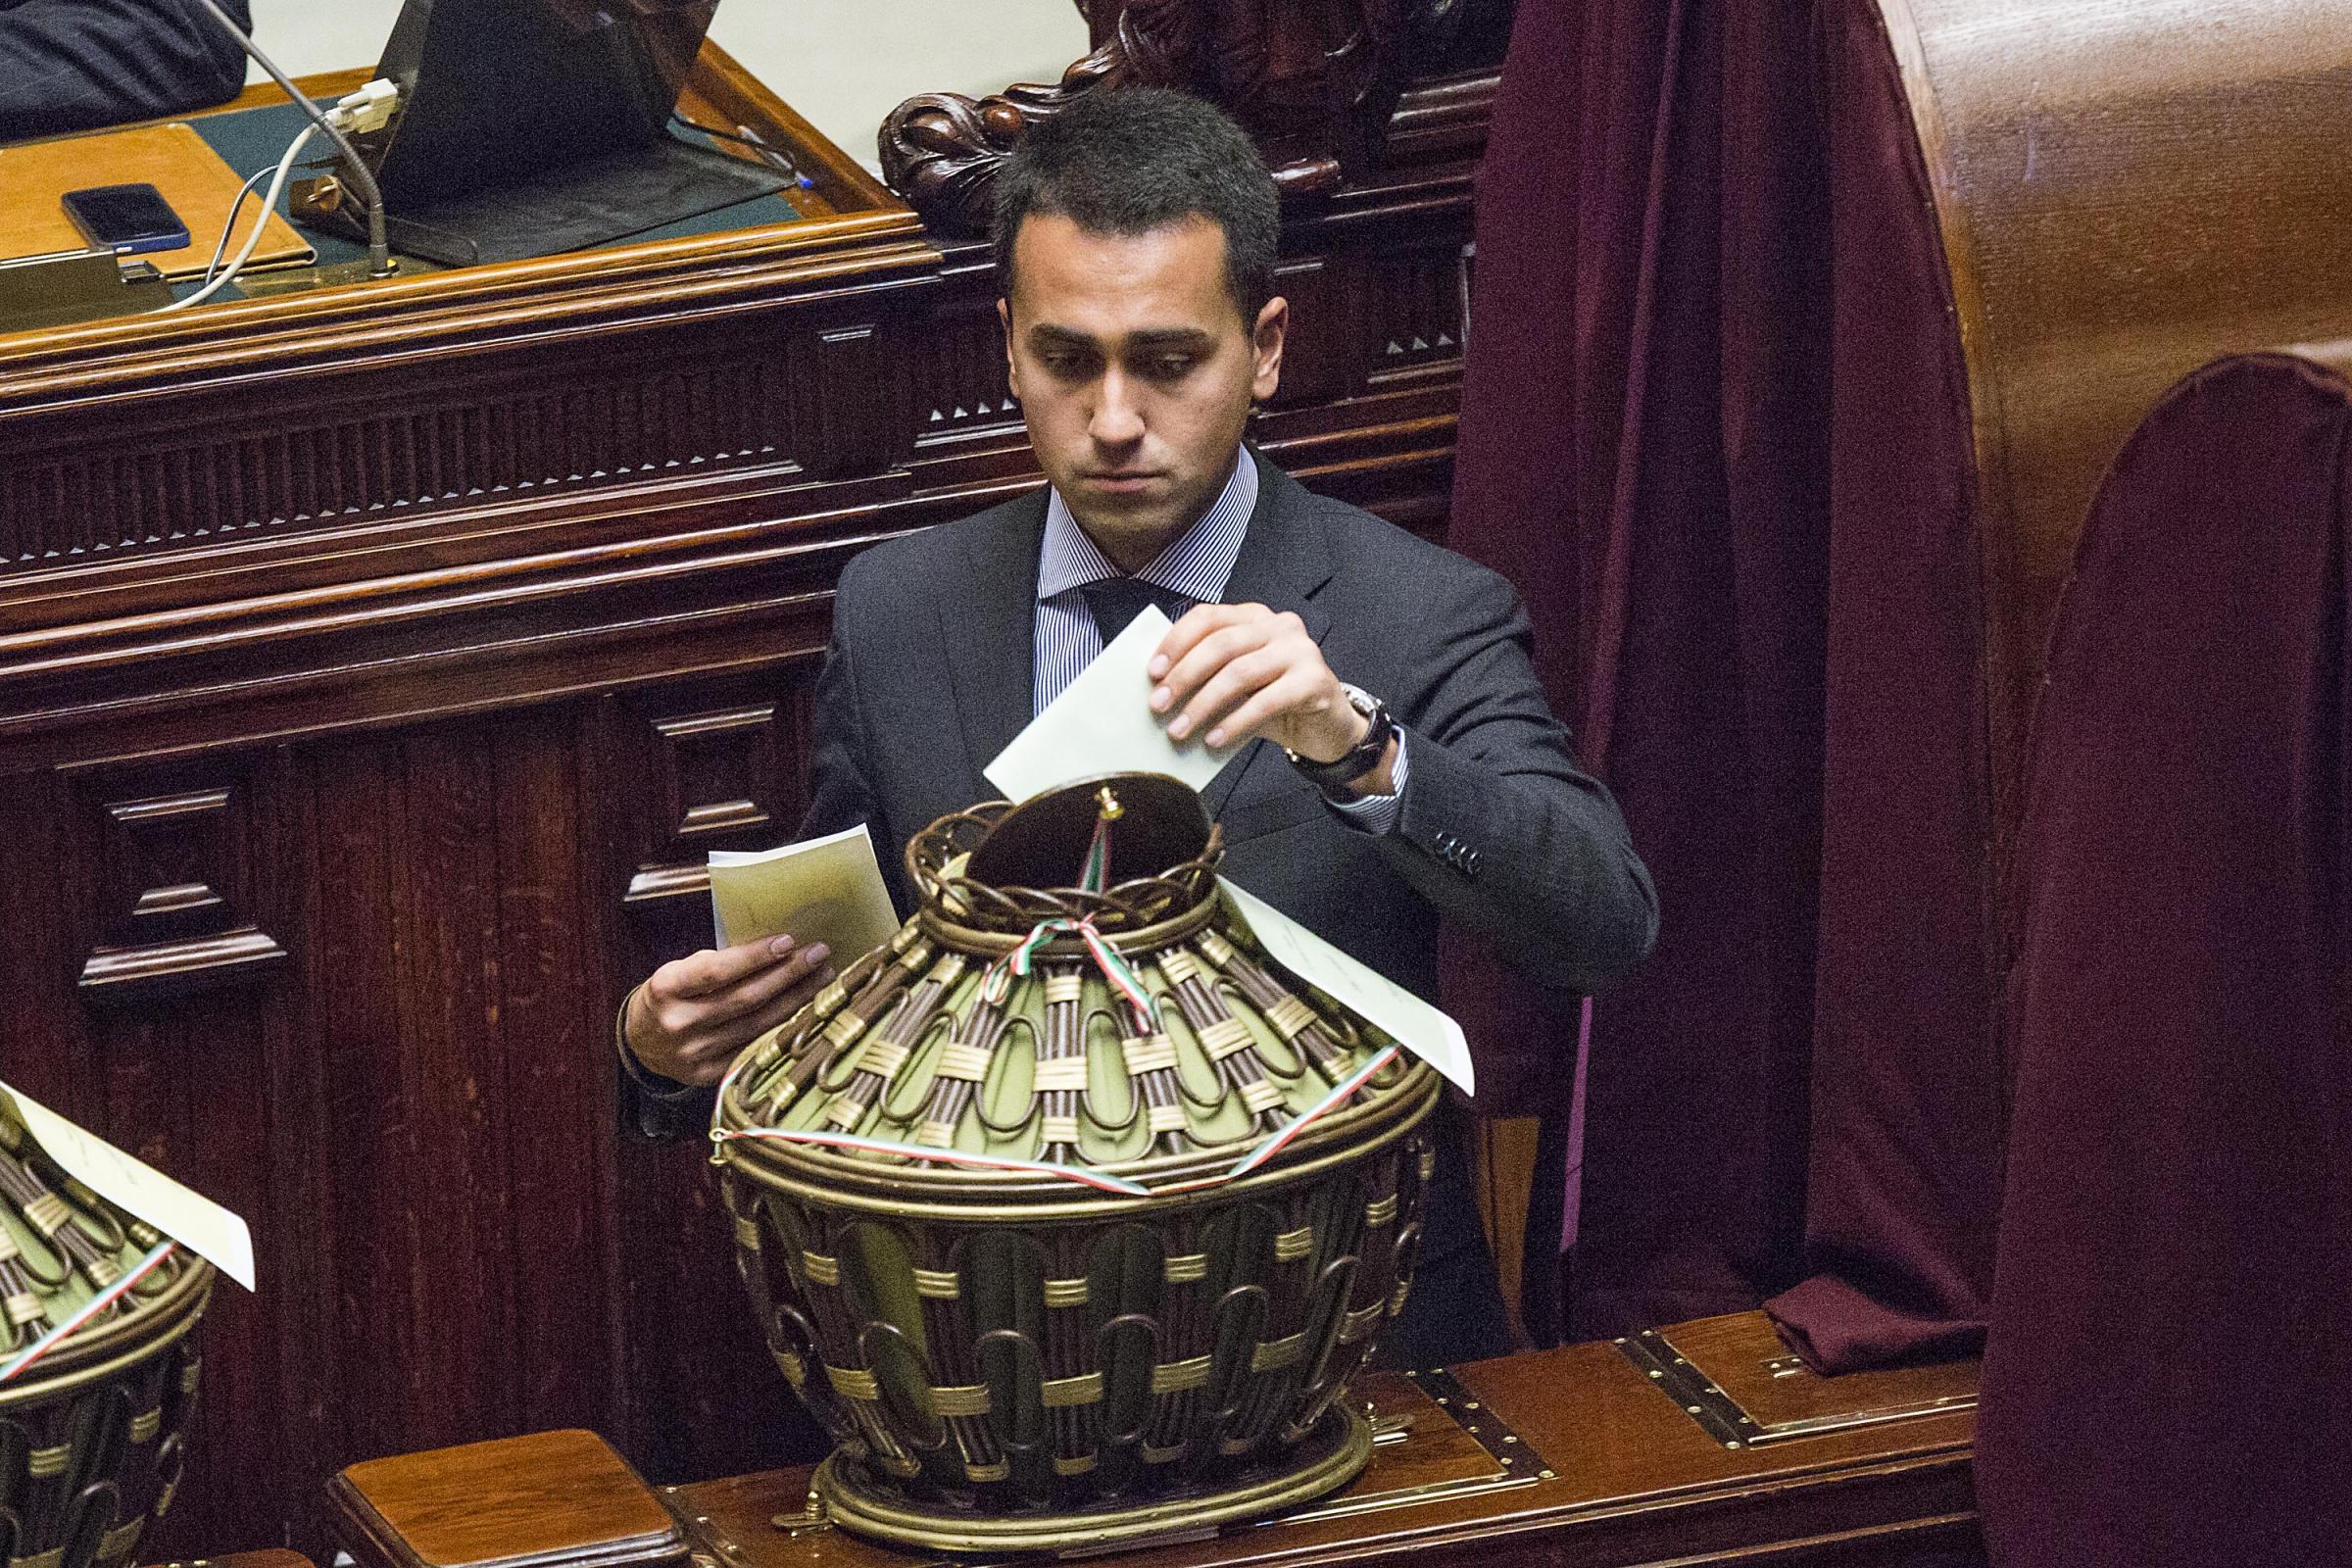 I parlamentari 5 stelle e la rinuncia dello stipendio for Parlamentari 5 stelle nomi